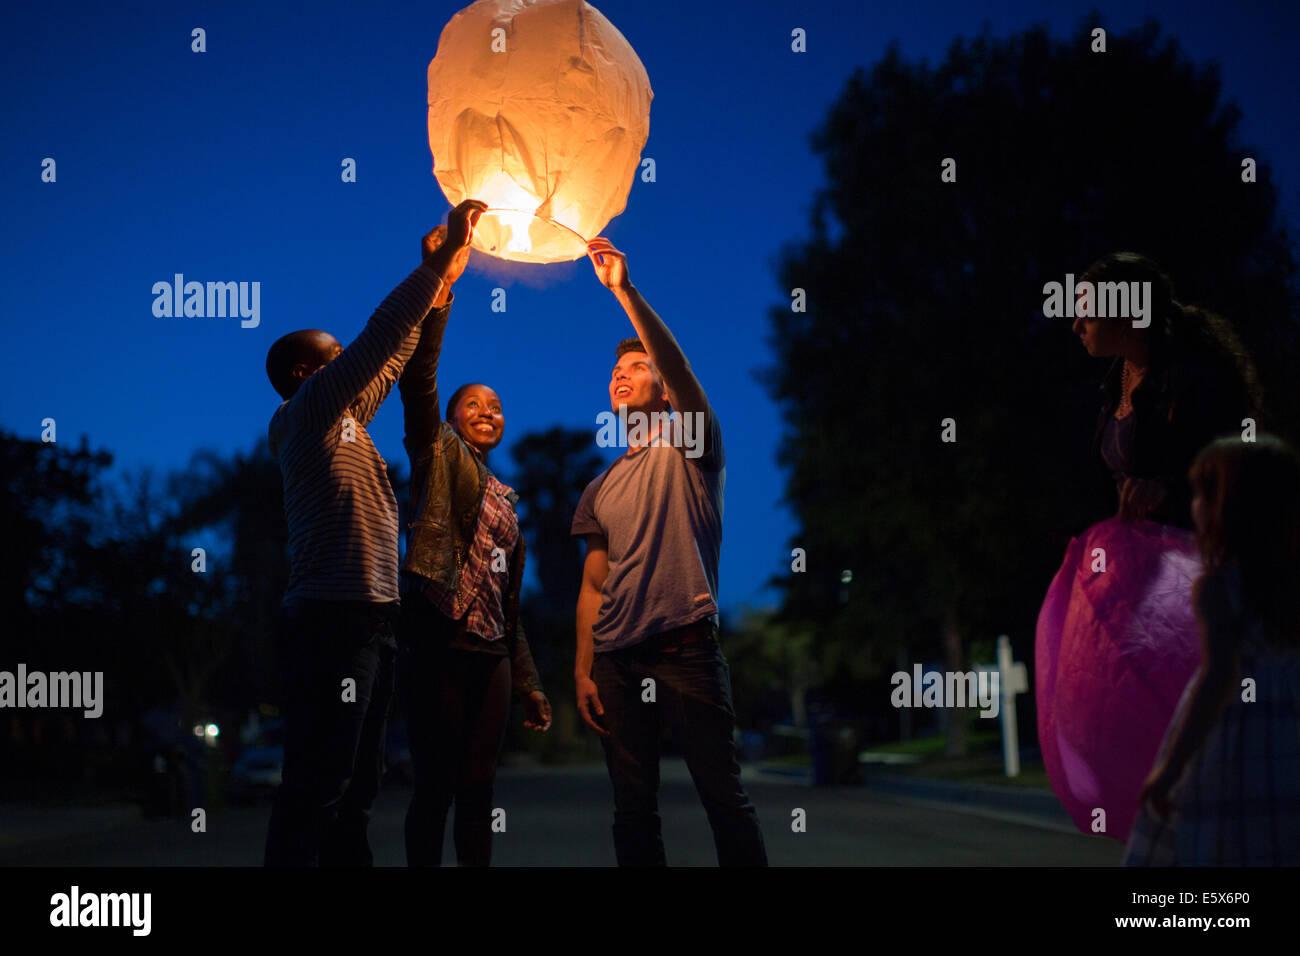 Friends holding up sky lantern pour célébrer Photo Stock